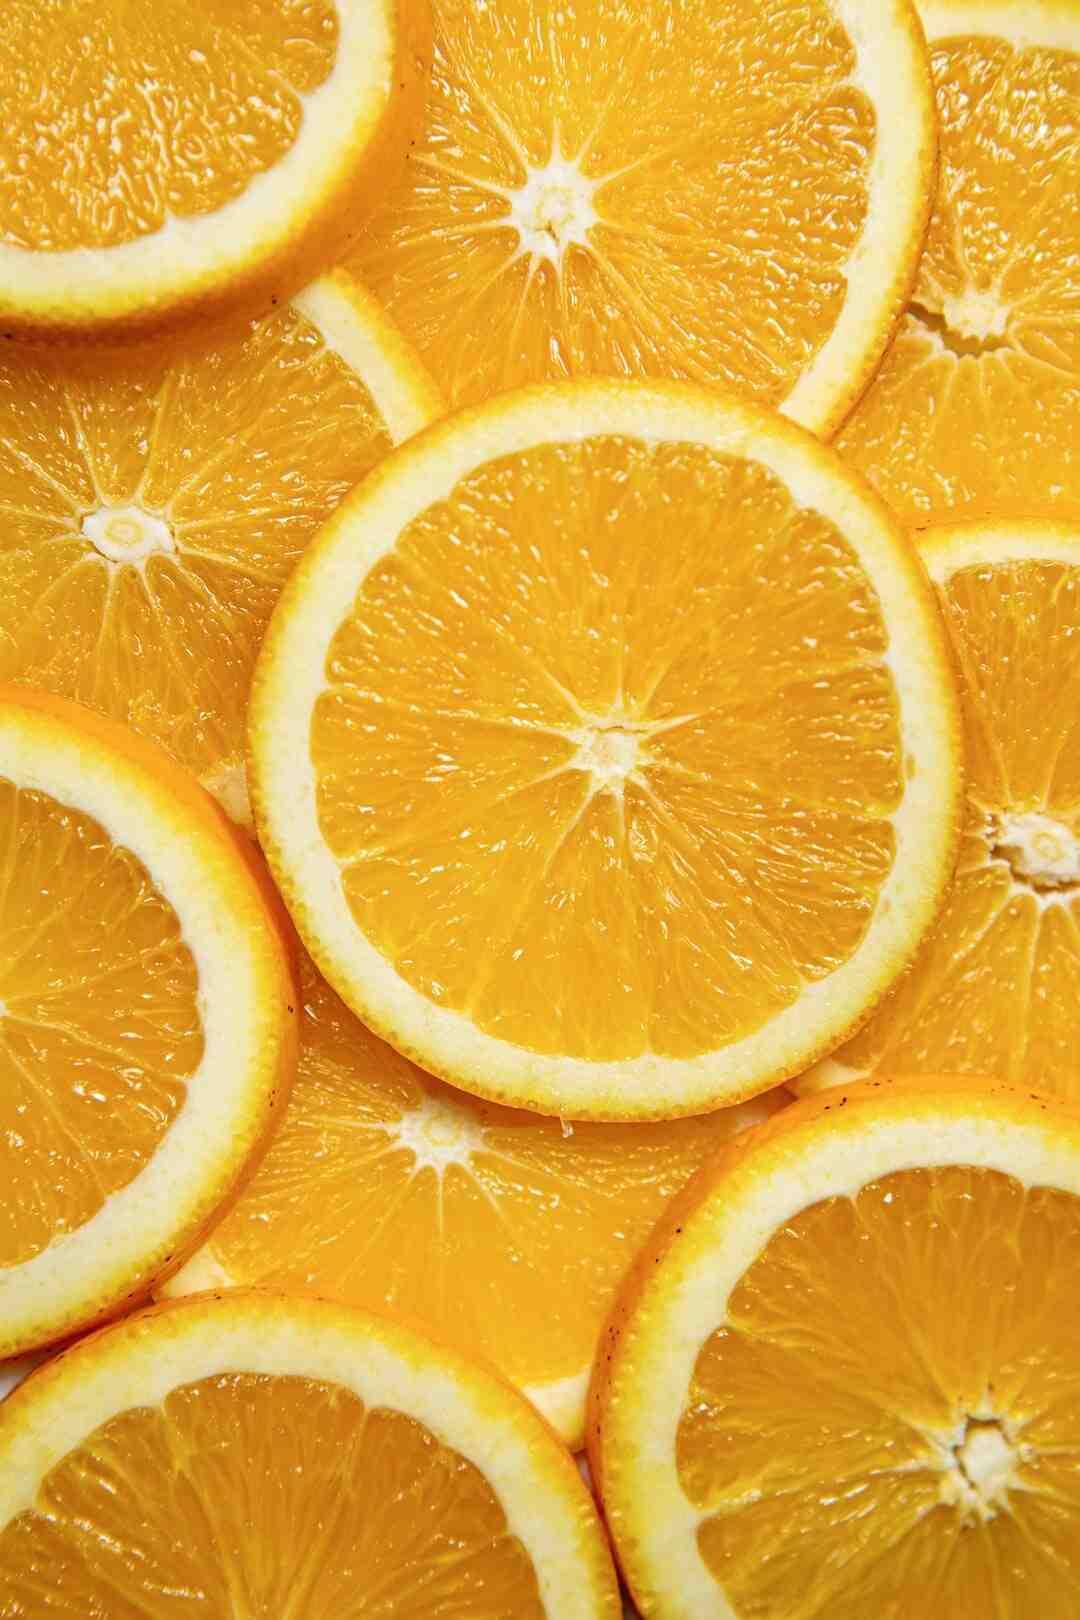 Comment entretenir un citronnier